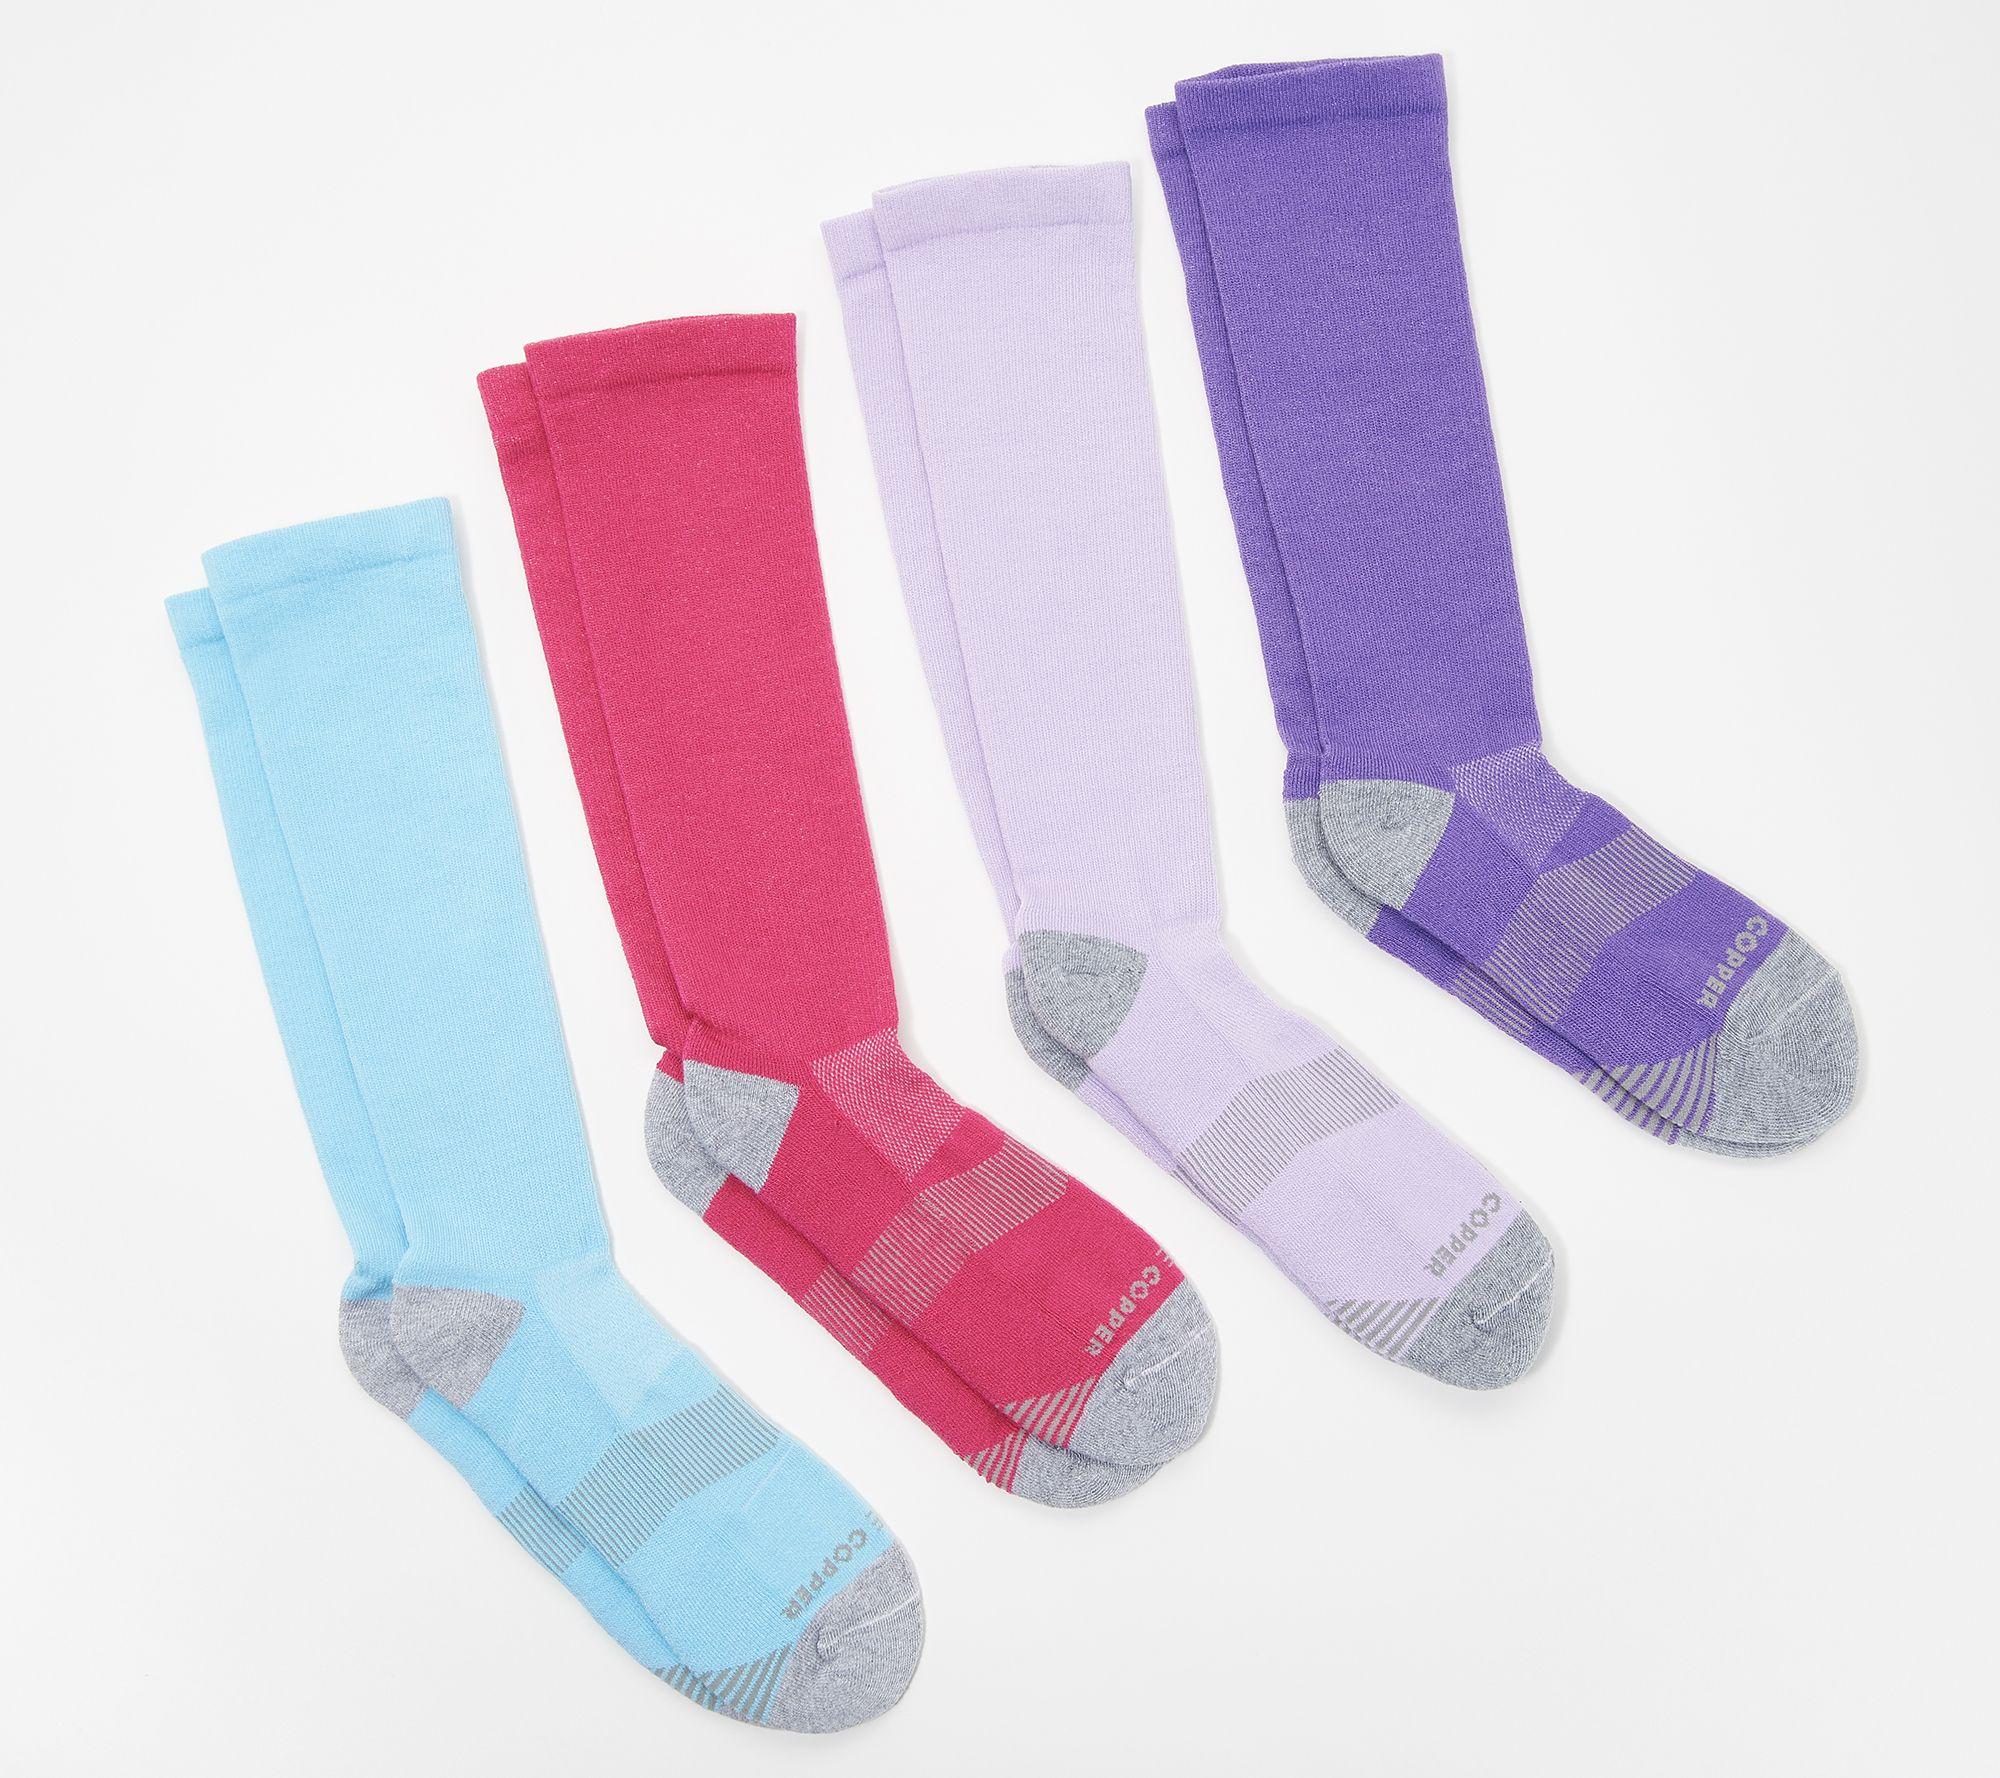 dd07f53de84e6 Tommie Copper Women s 4-Pack Compression Over the Calf Socks - Page 1 —  QVC.com